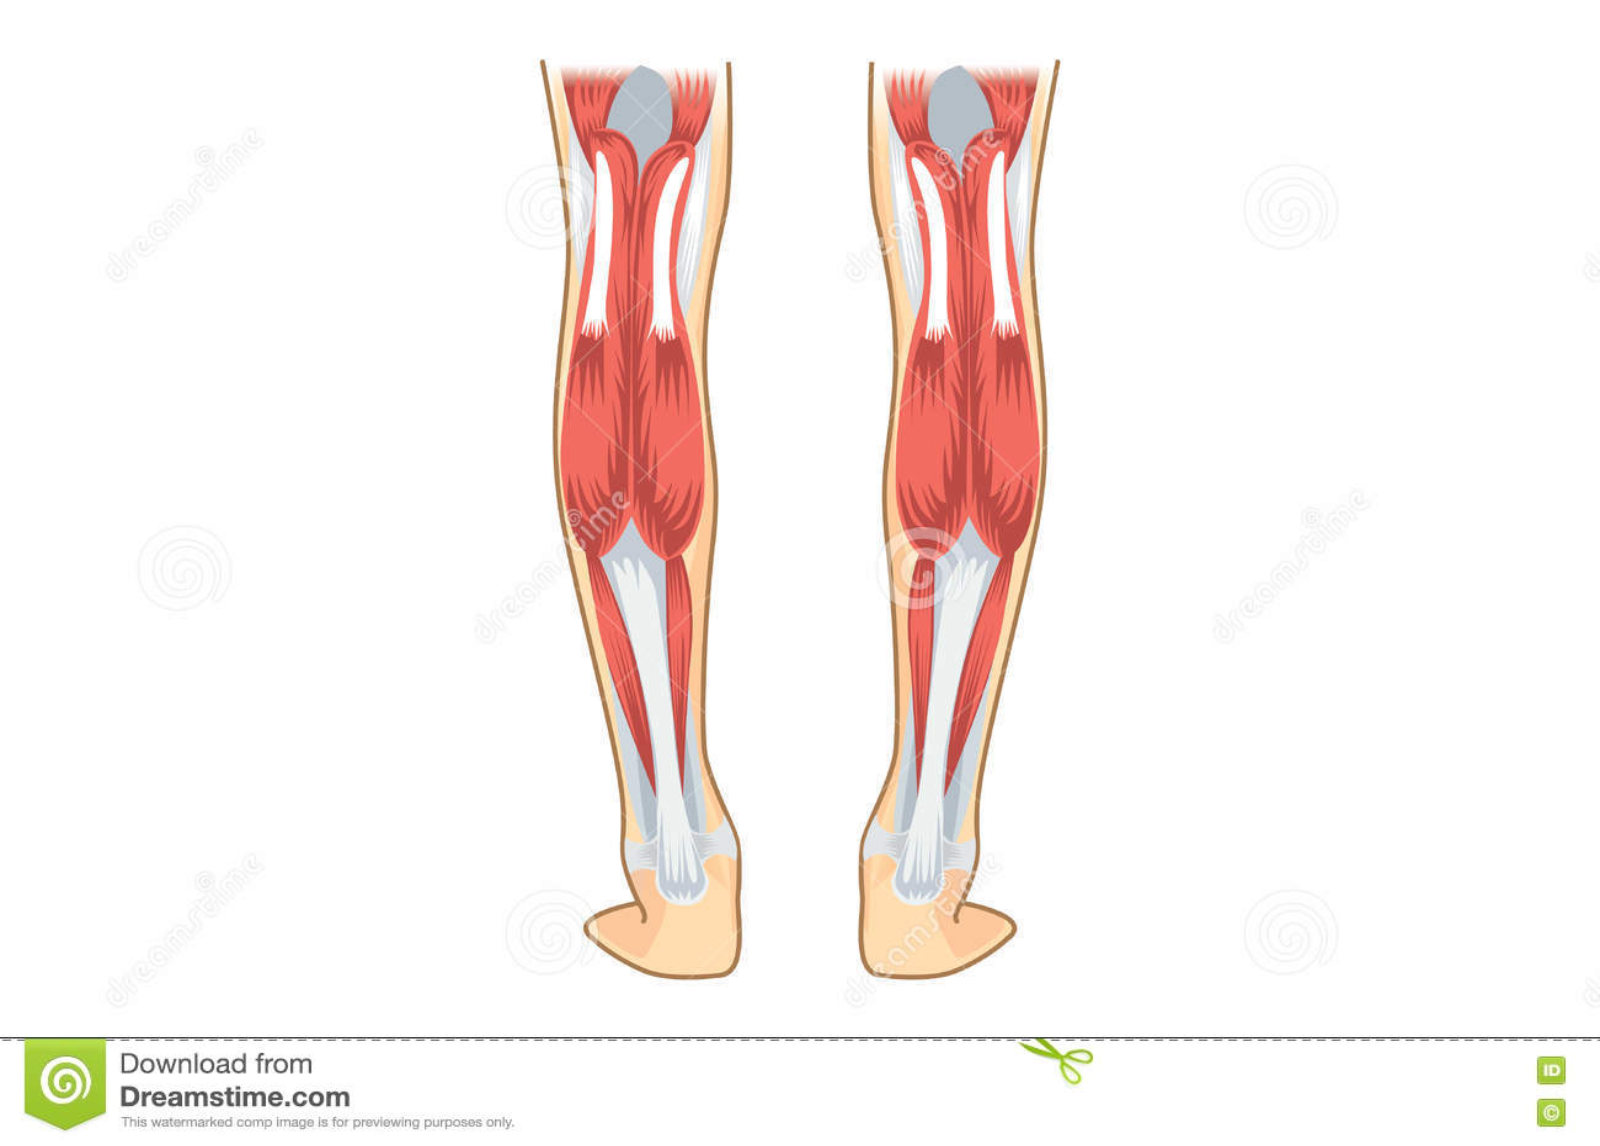 Wadenmuskel des Menschen vektor abbildung. Illustration von muskel ...